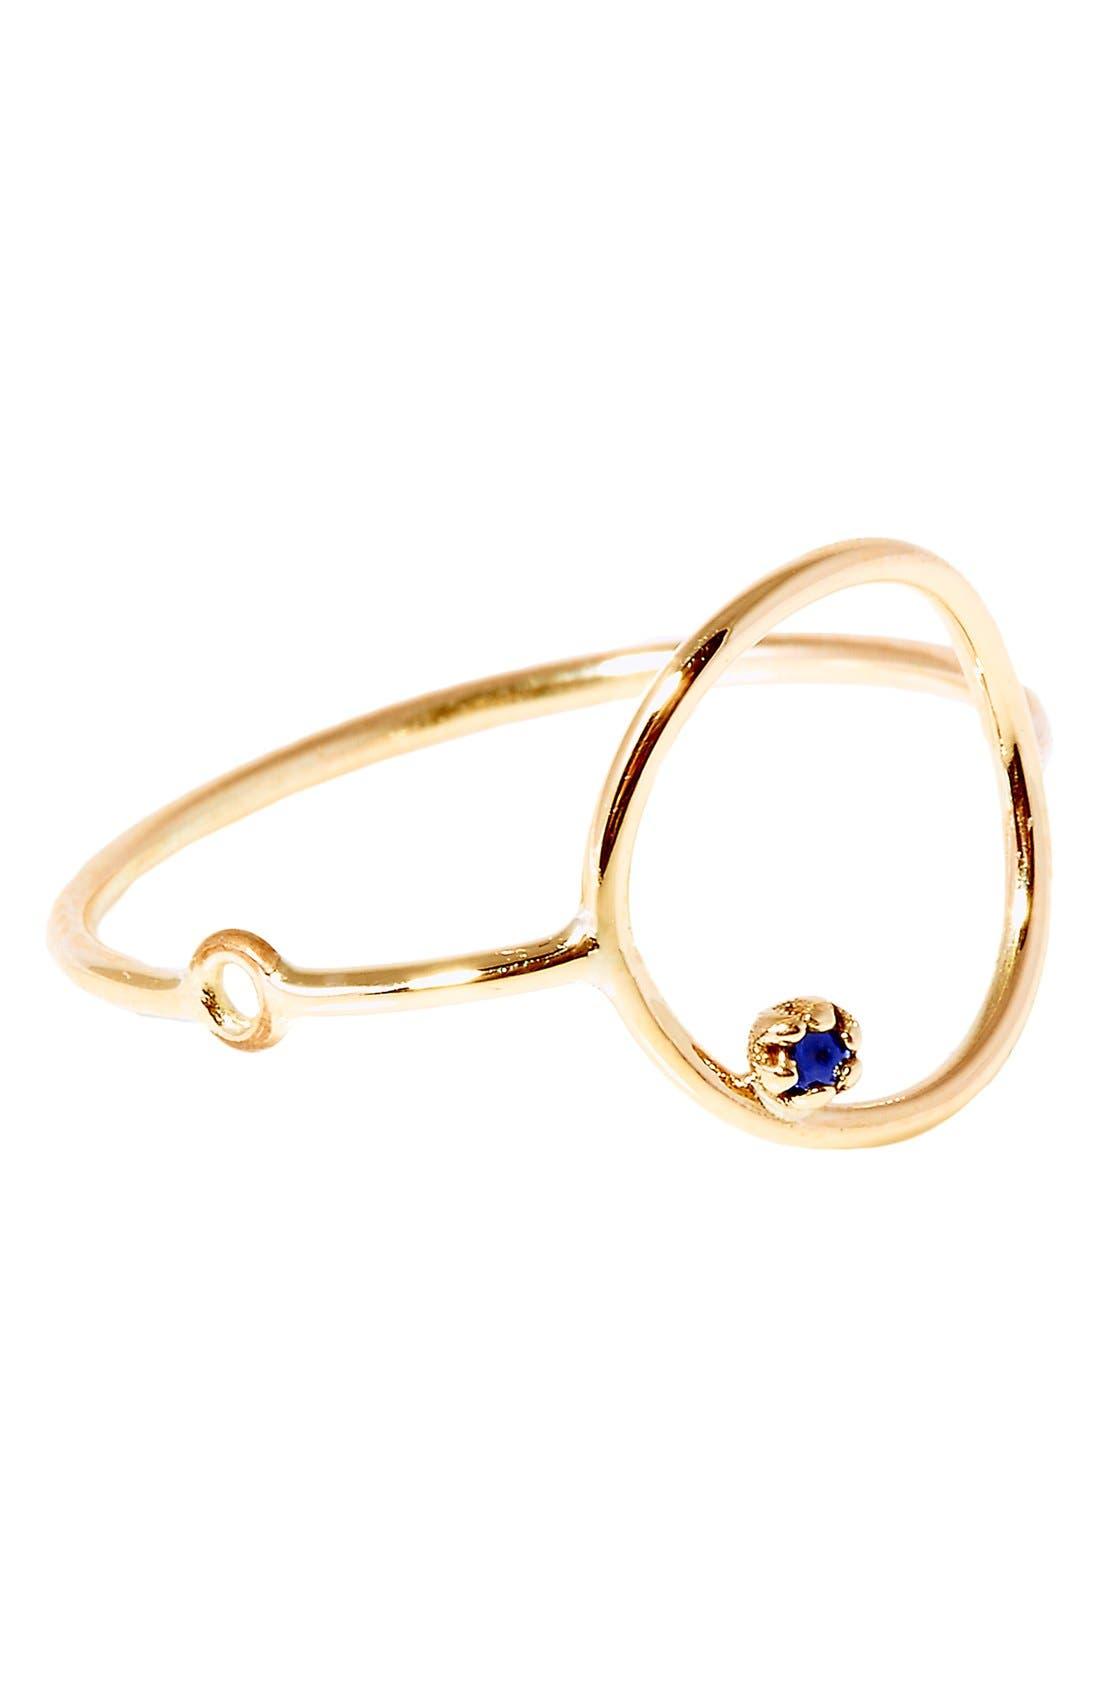 SARAH & SEBASTIAN 'Stone Bubble' Gold & Sapphire Ring